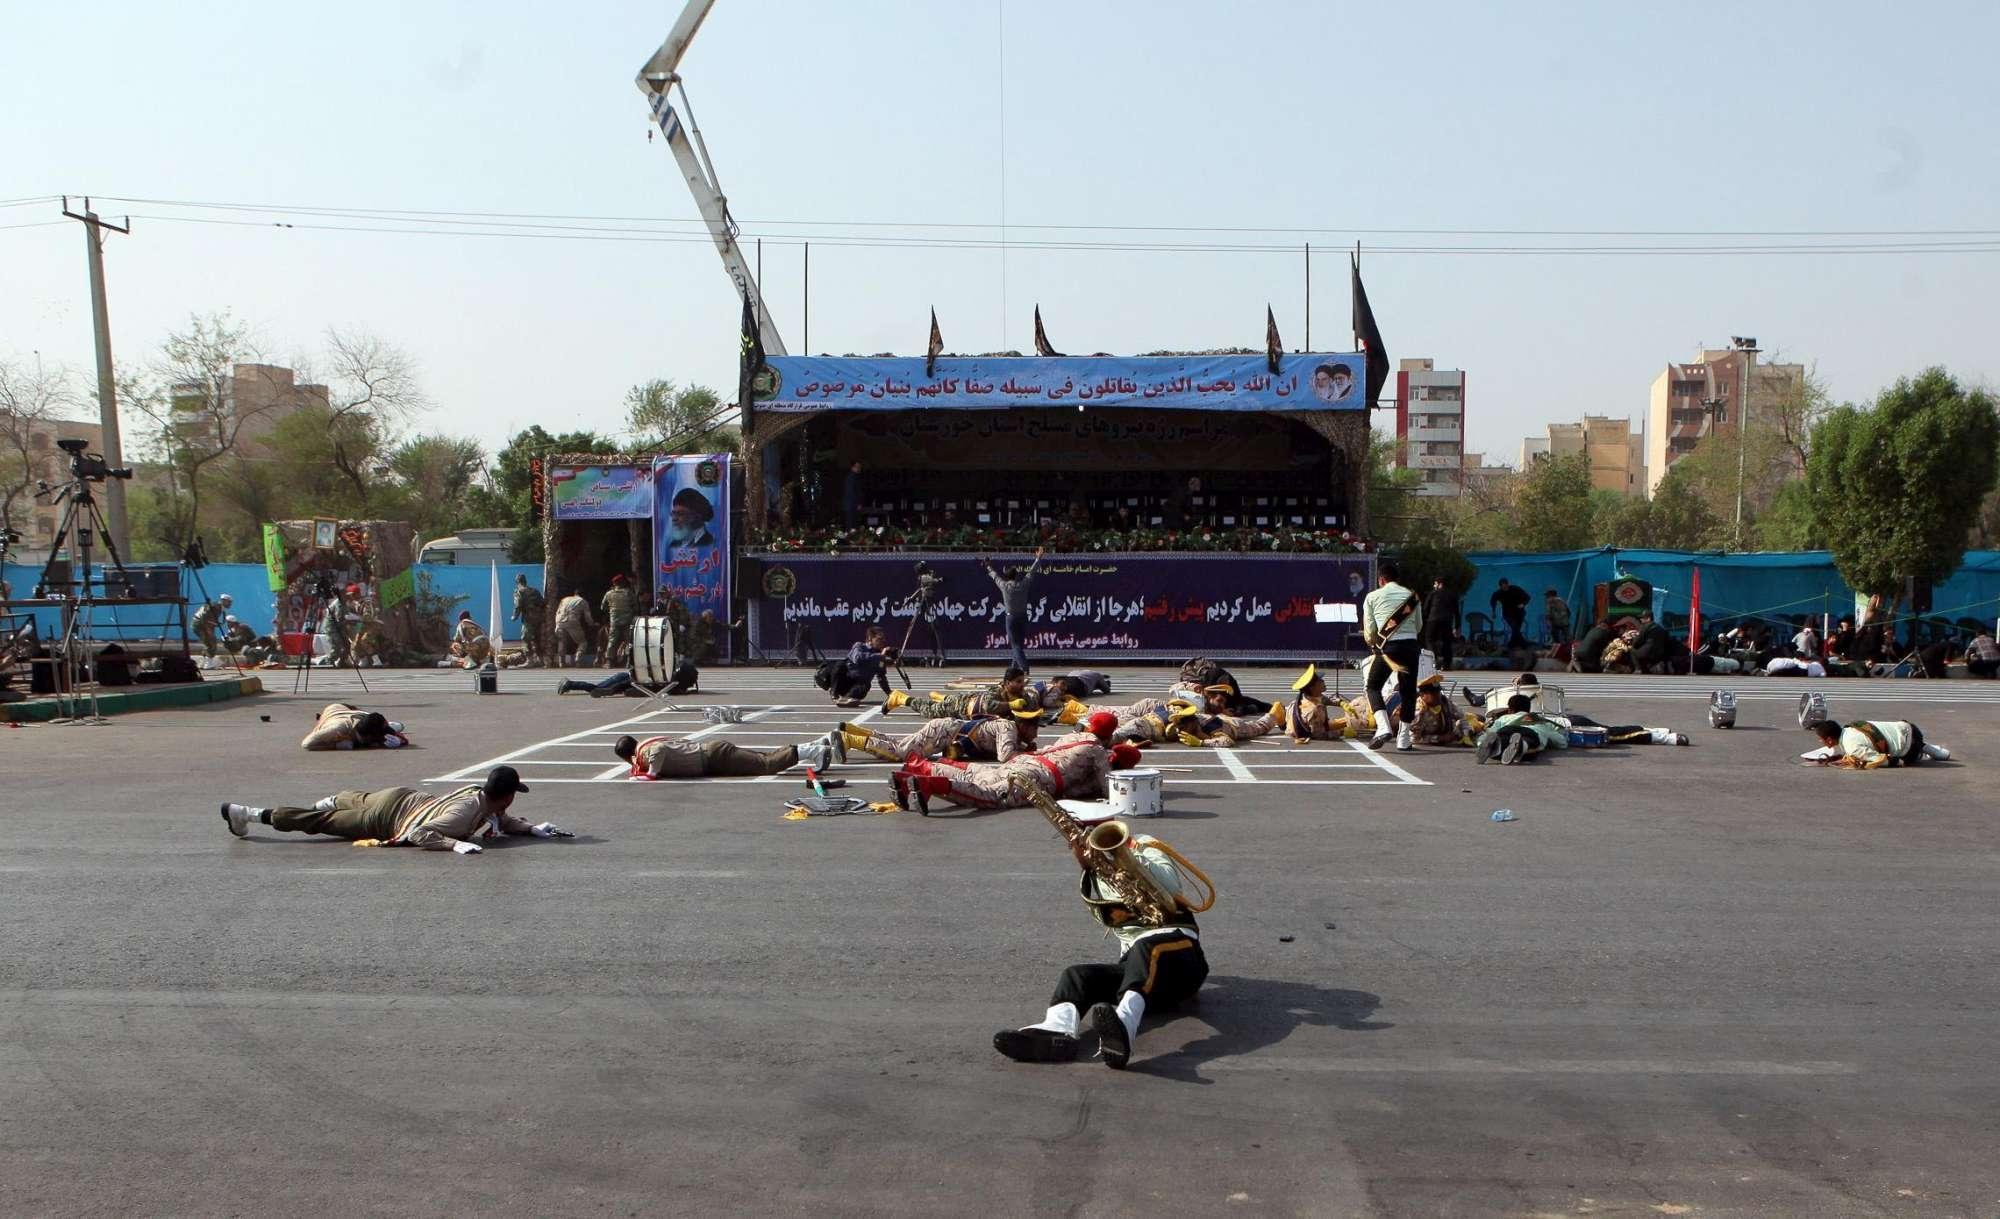 Iran, attacco a una parata militare ad Ahvaz: morti e feriti